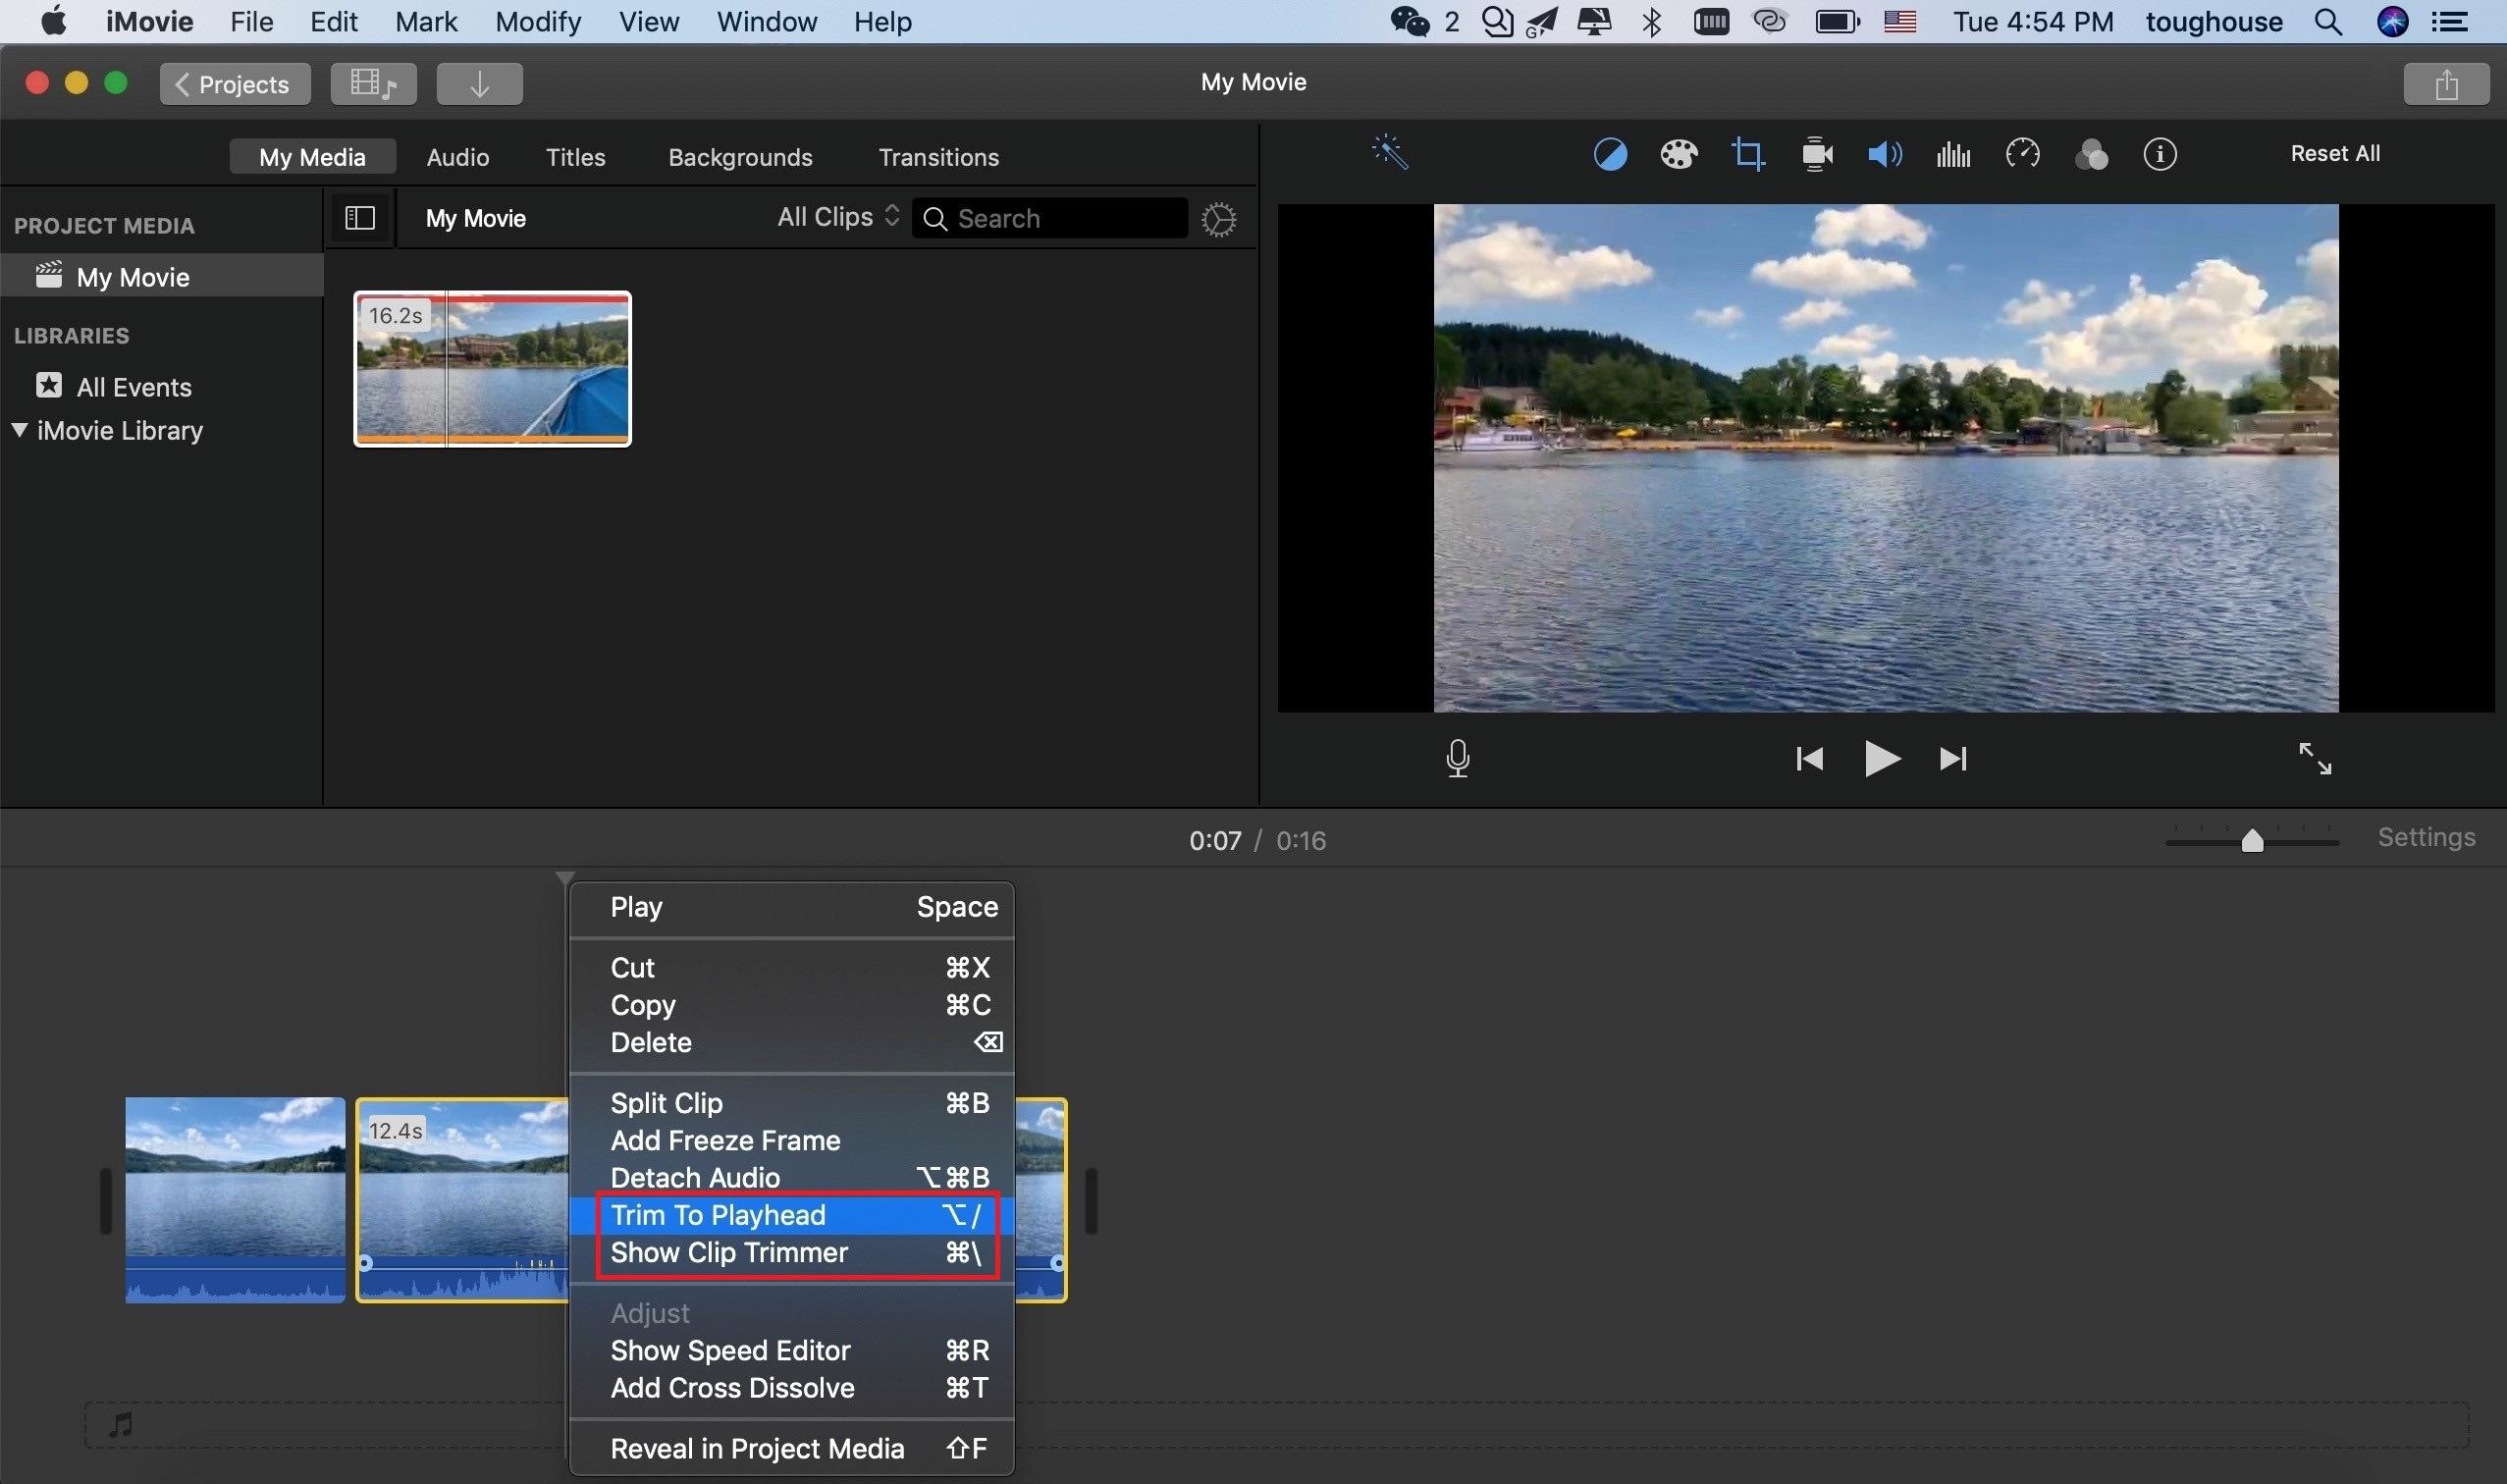 [Tutoriel étape par étape] Comment redimensionner une vidéo dans iMovie